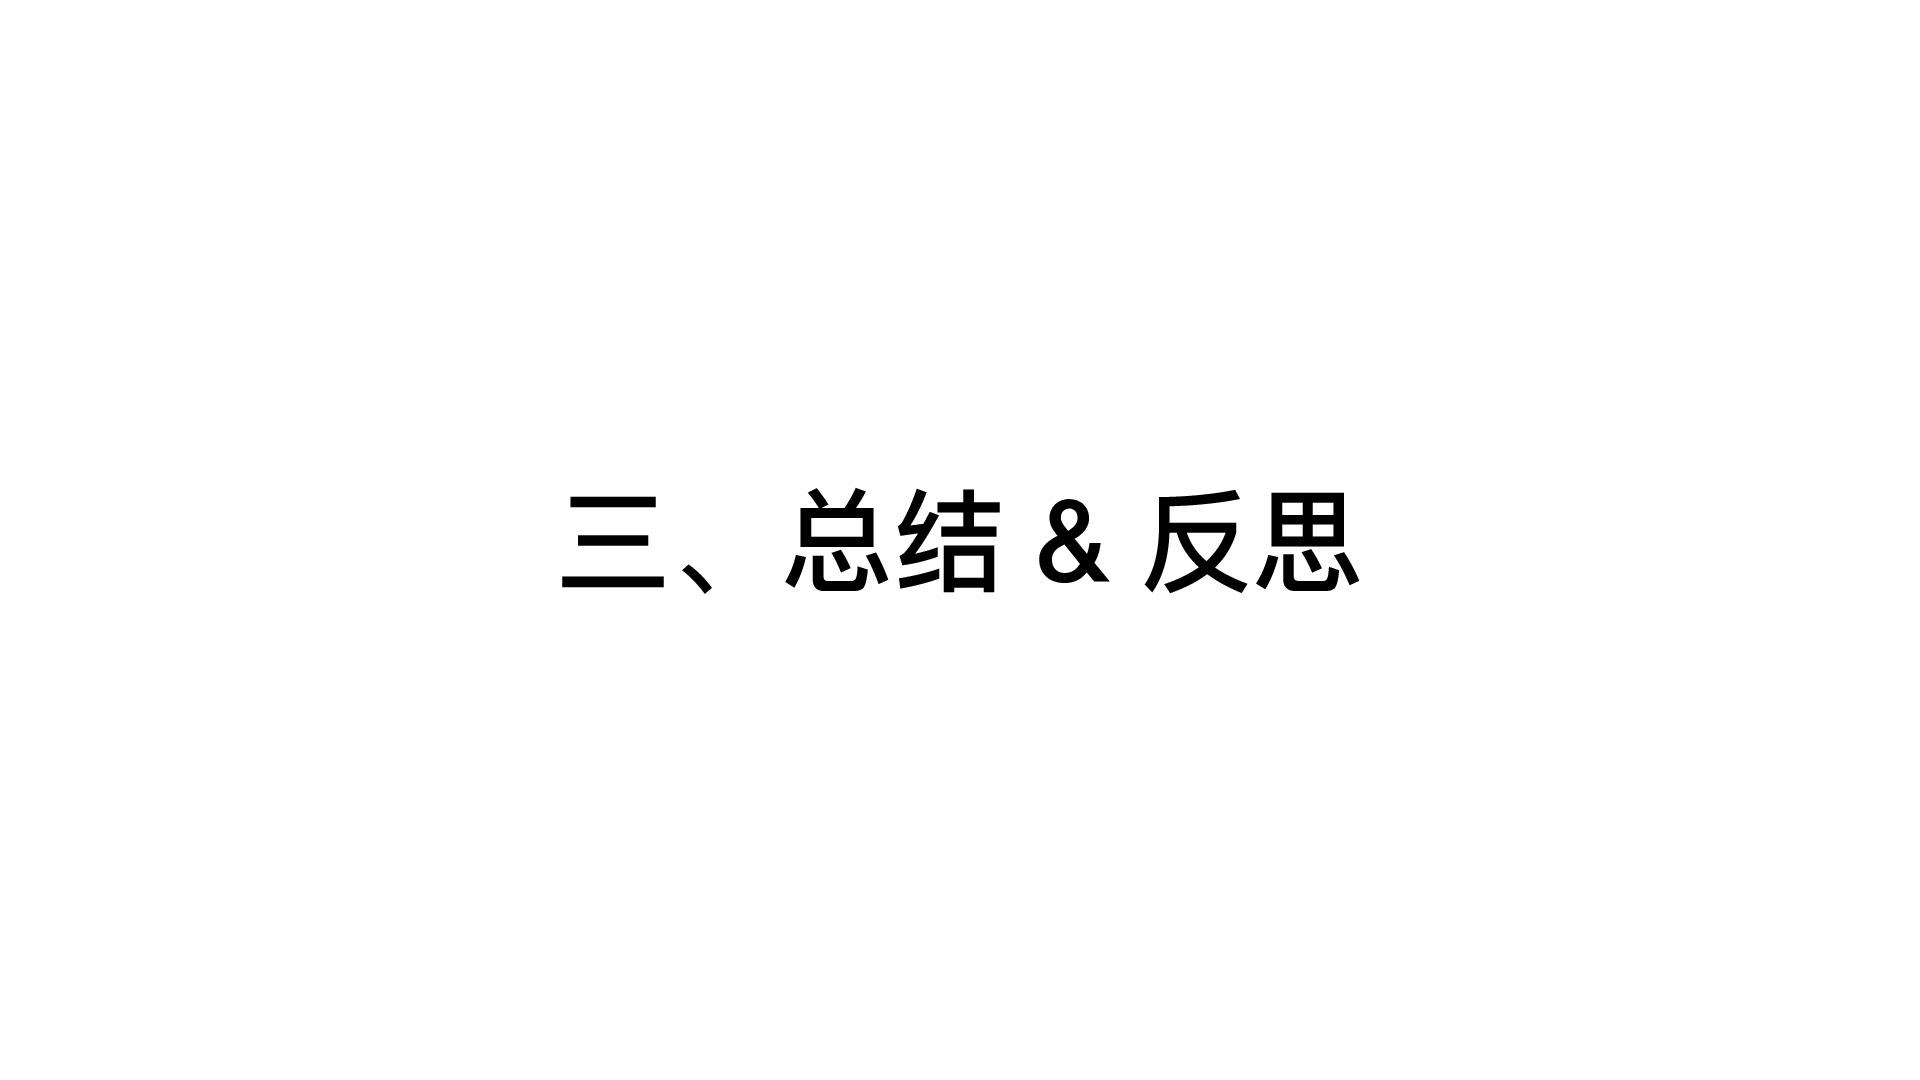 https://opentalk-blog.b0.upaiyun.com/prod/2019-03-25/1945648c9a0312147842cec94ecc7a7d